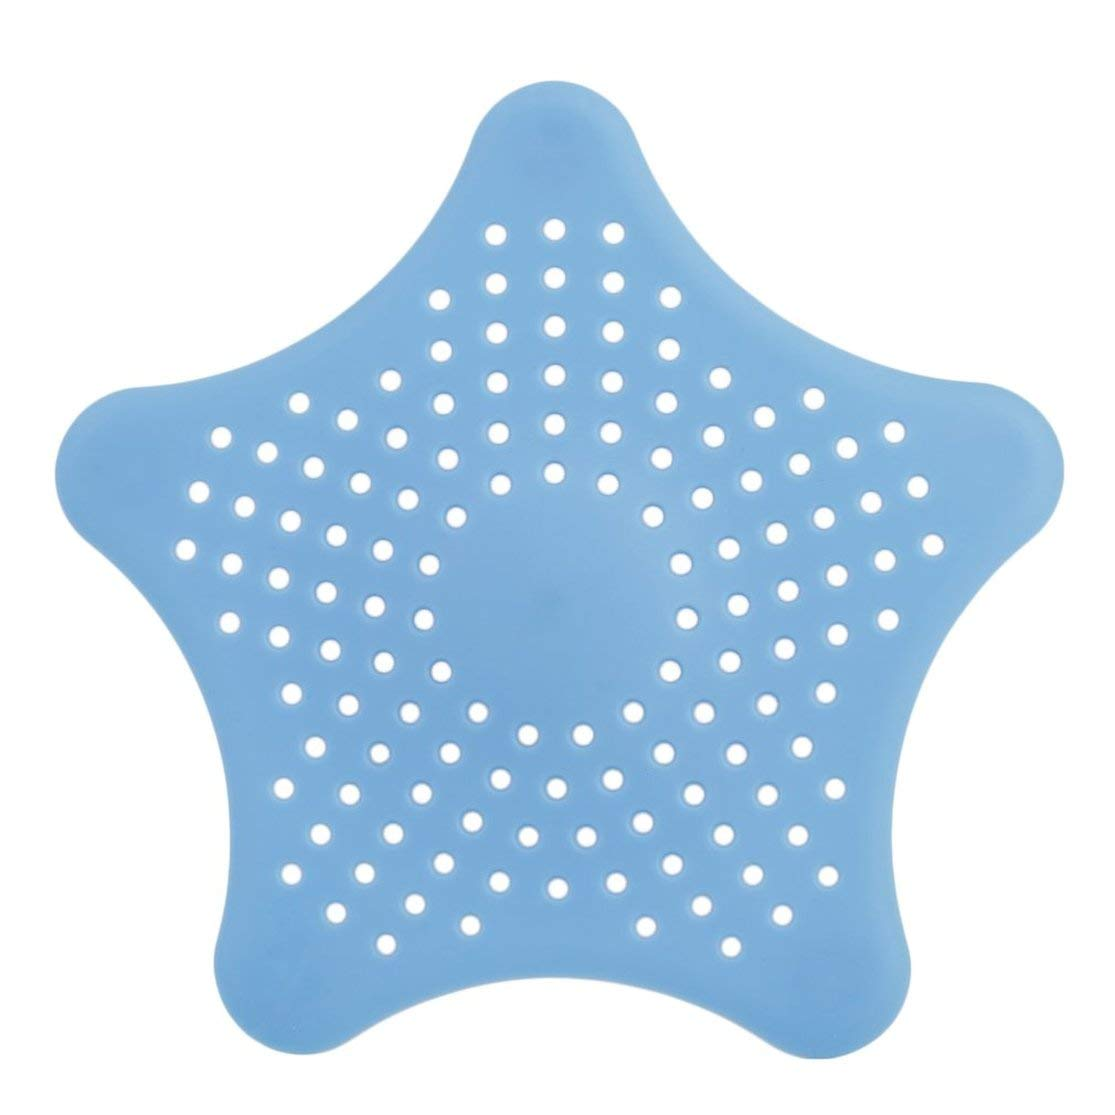 LouiseEvel215 Star Shape Plastica Cucina Mint Plan Bagno Doccia Drain Cover Waste Sink Colino Filtro Capelli Catcher Casa Gadget Cesto